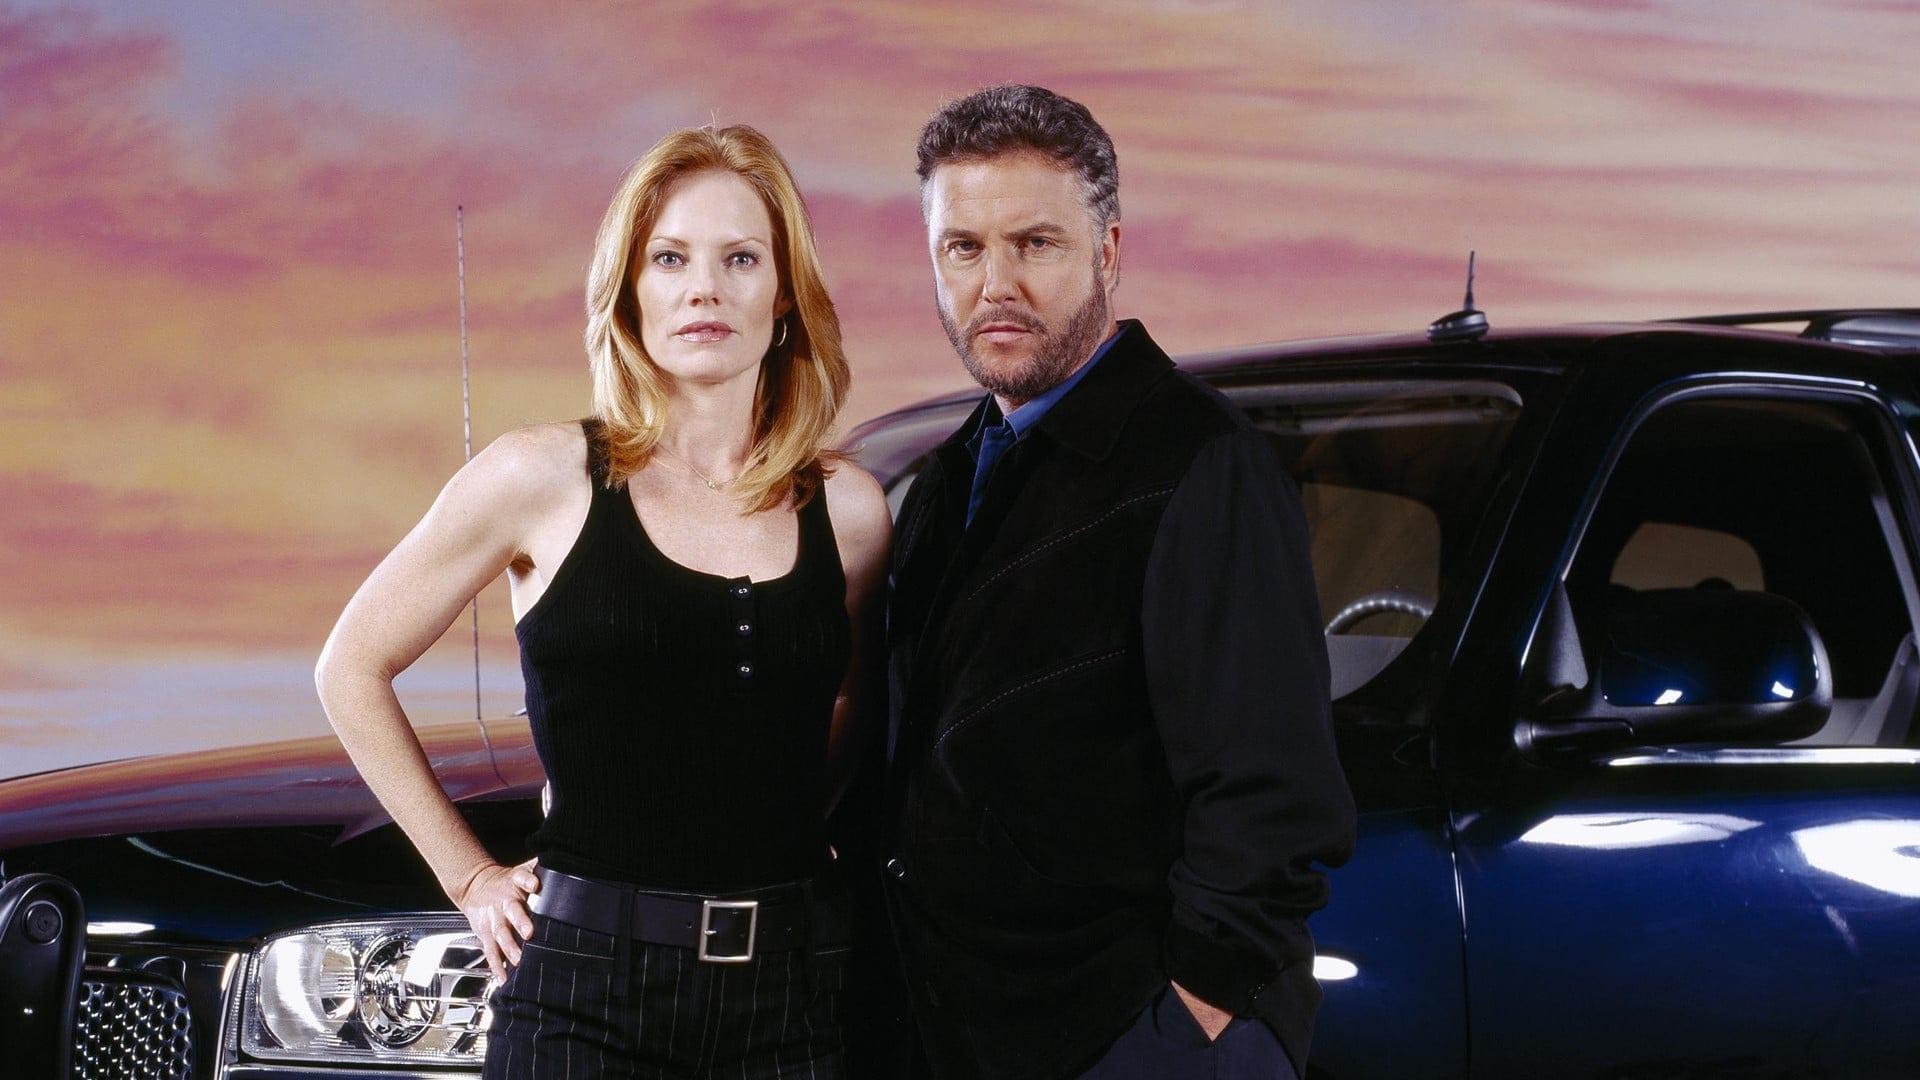 CSI: Crime Scene Investigation Season 14